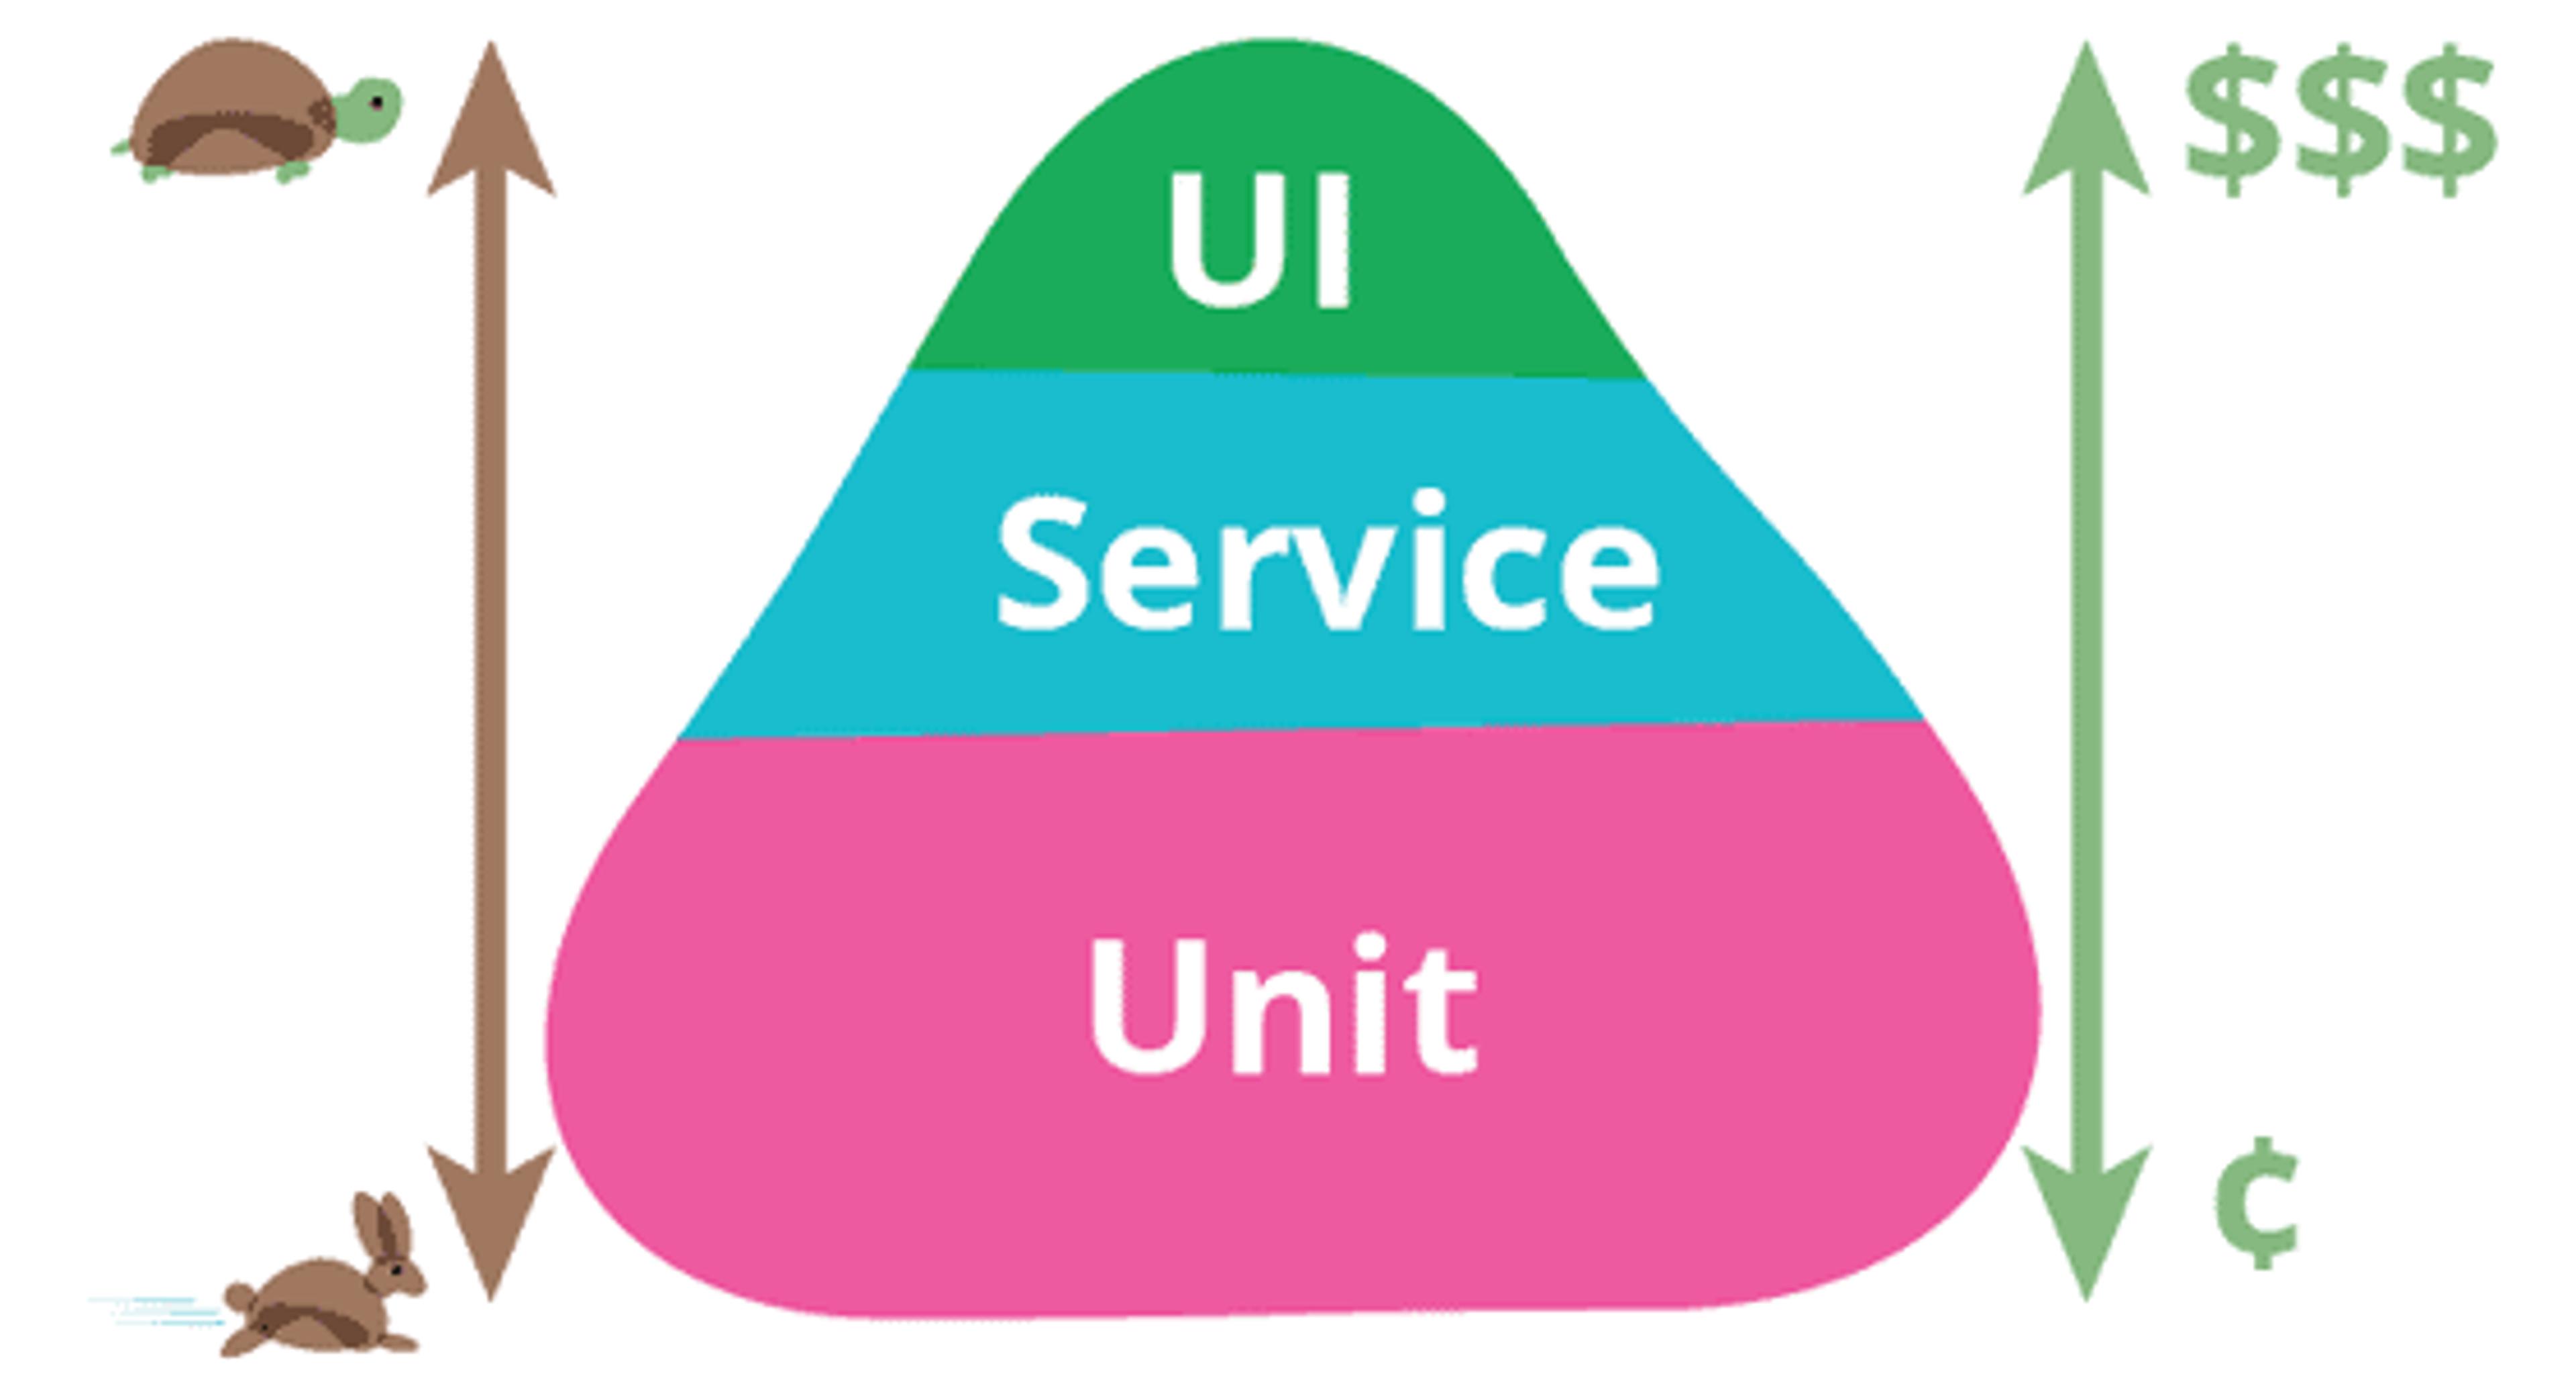 représentation de la pyramide des tests mis en évidence par Martin Fowler, avec à la base les tests unitaires, plus rapides, et au sommet les tests end-to-end, qui sont les plus coûteux mais ceux qui couvrent le plus l'application